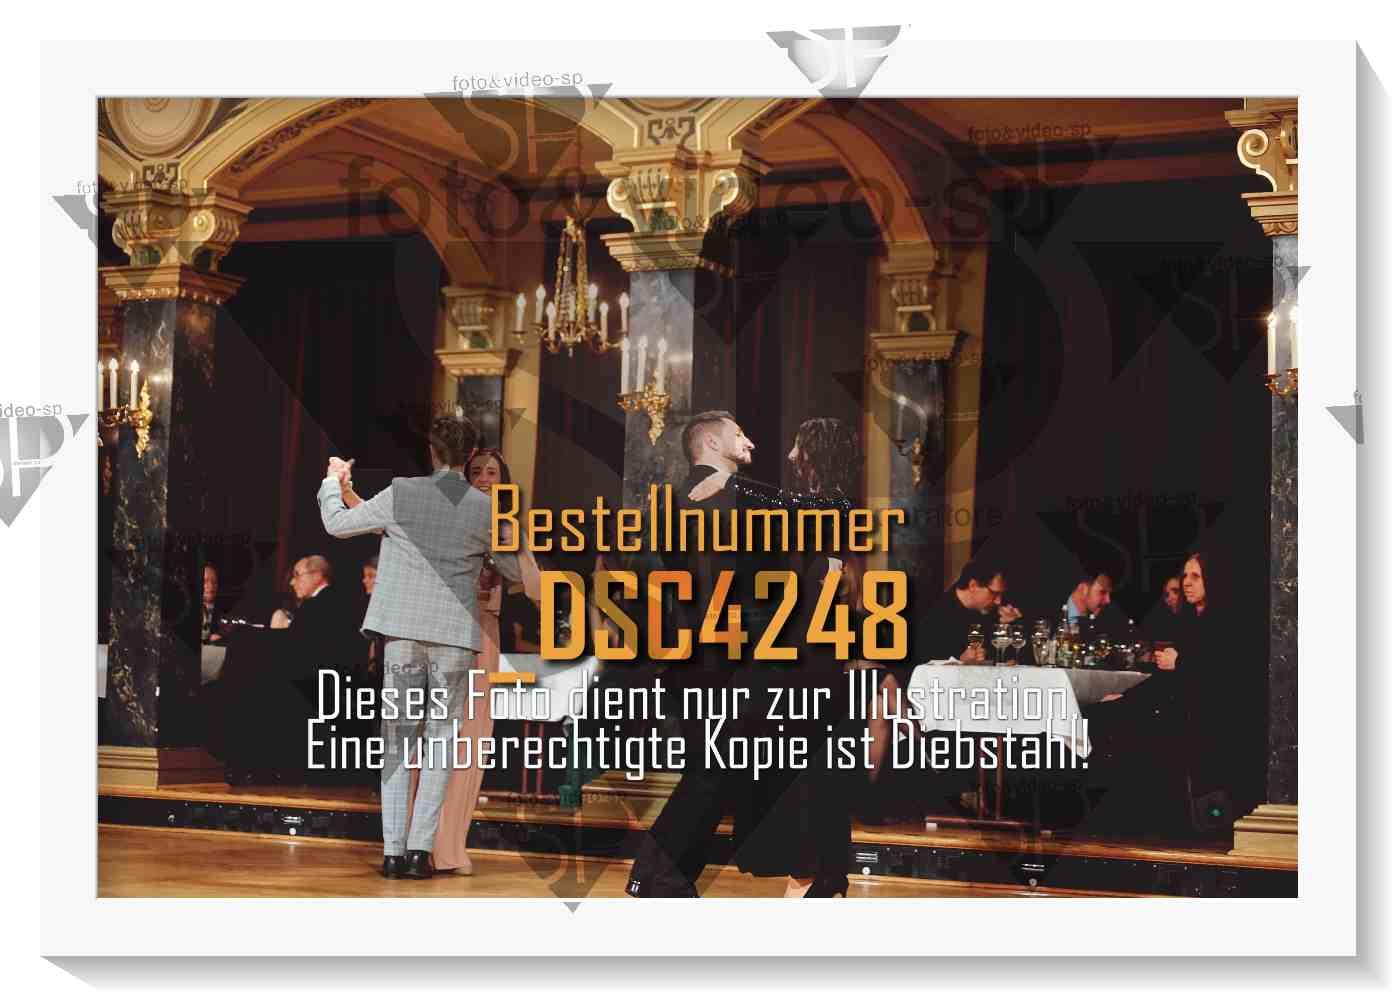 DSC4248